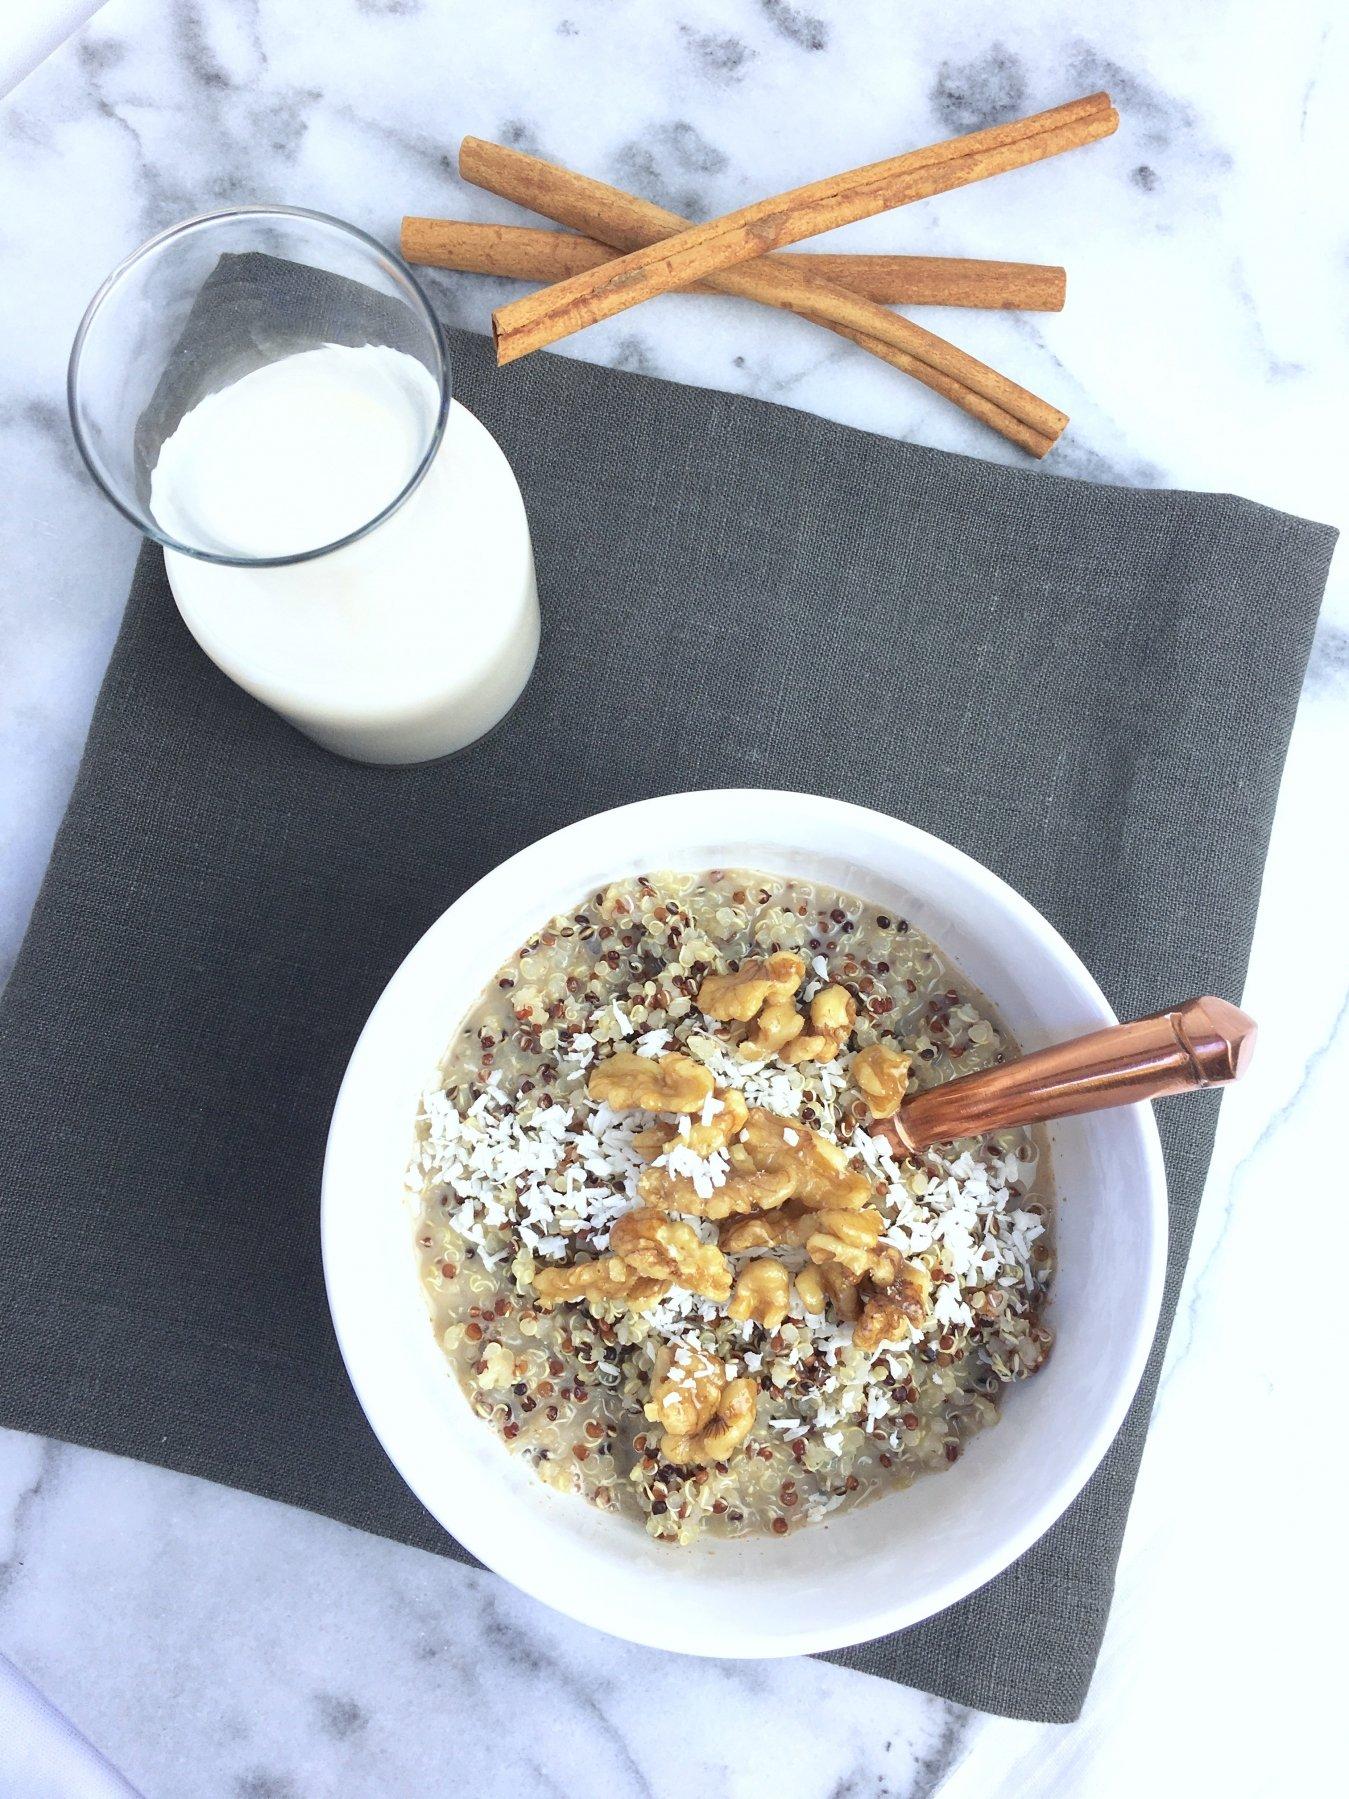 Candied Walnut Quinoa w: Vanilla Spiced Almond Milk